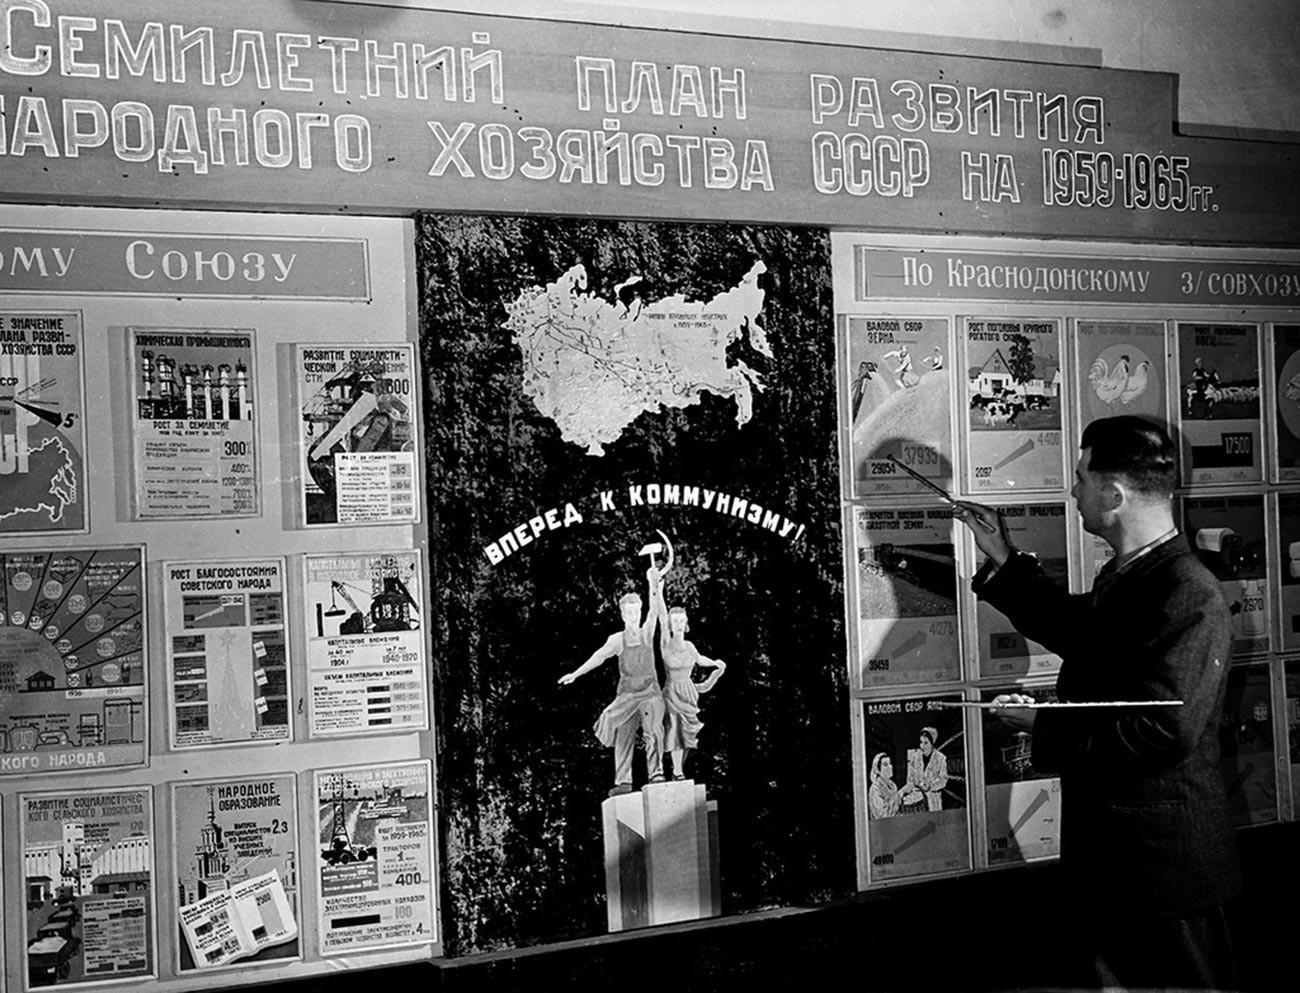 В залата на Дома на културата на Краснодонския совхоз, помощник комбайнерът Фьодор Фролов разглежда седемгодишния план за развитие на земеделието, 1959 г., Казахстан.